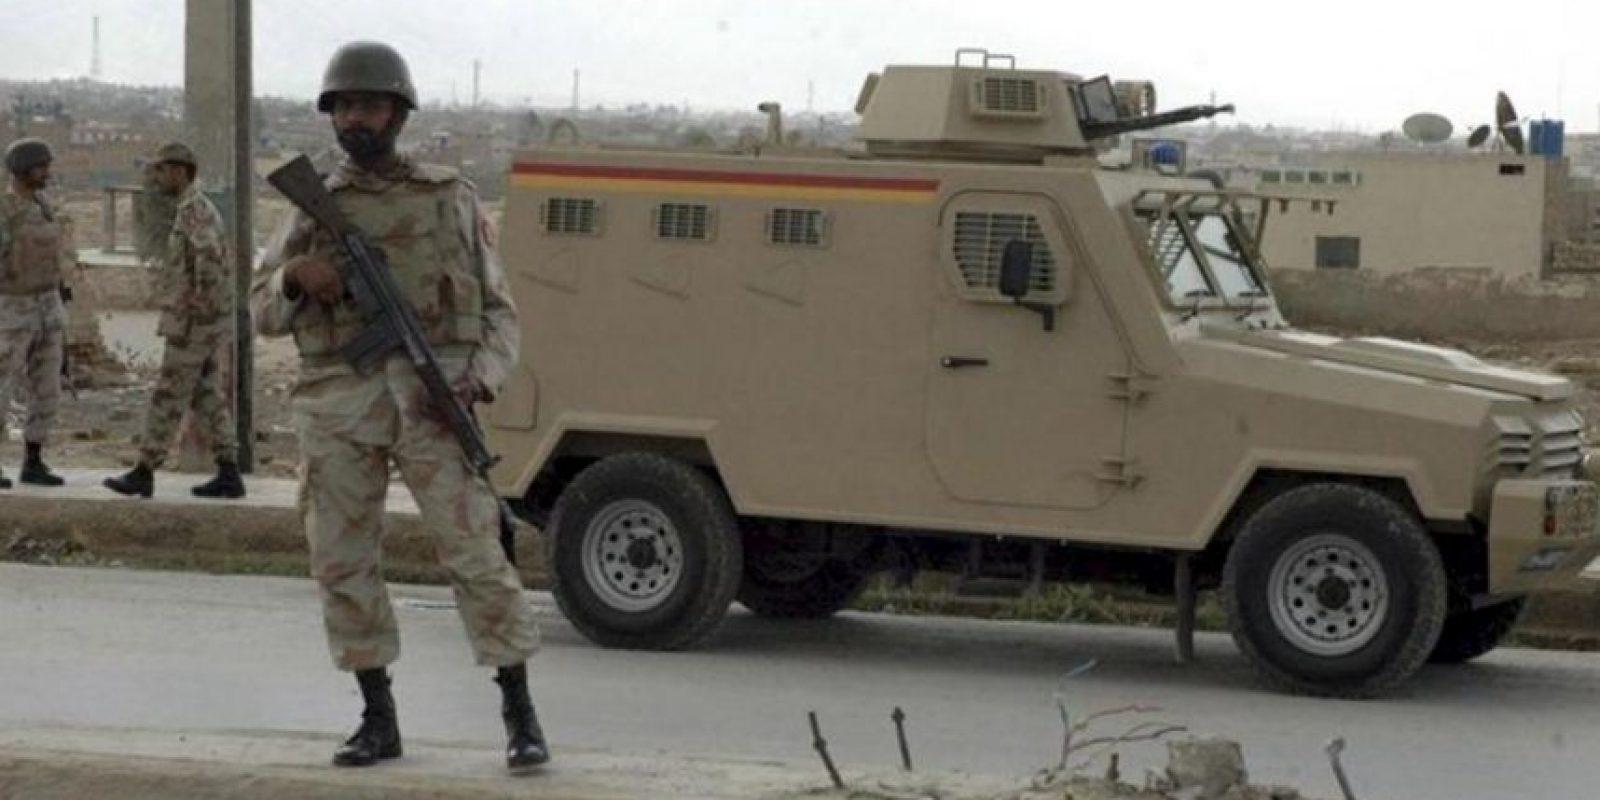 Policías paquistaníes hacen guardia hoy en un punto de control en una carretera en Quetta, capital de la provincia de Balochistán (Pakistán). Según medios de comunicación, al menos ocho personas han muerto y otras dos han resultado heridas depués de varios tiroteos en distintas áreas en Quetta. EFE